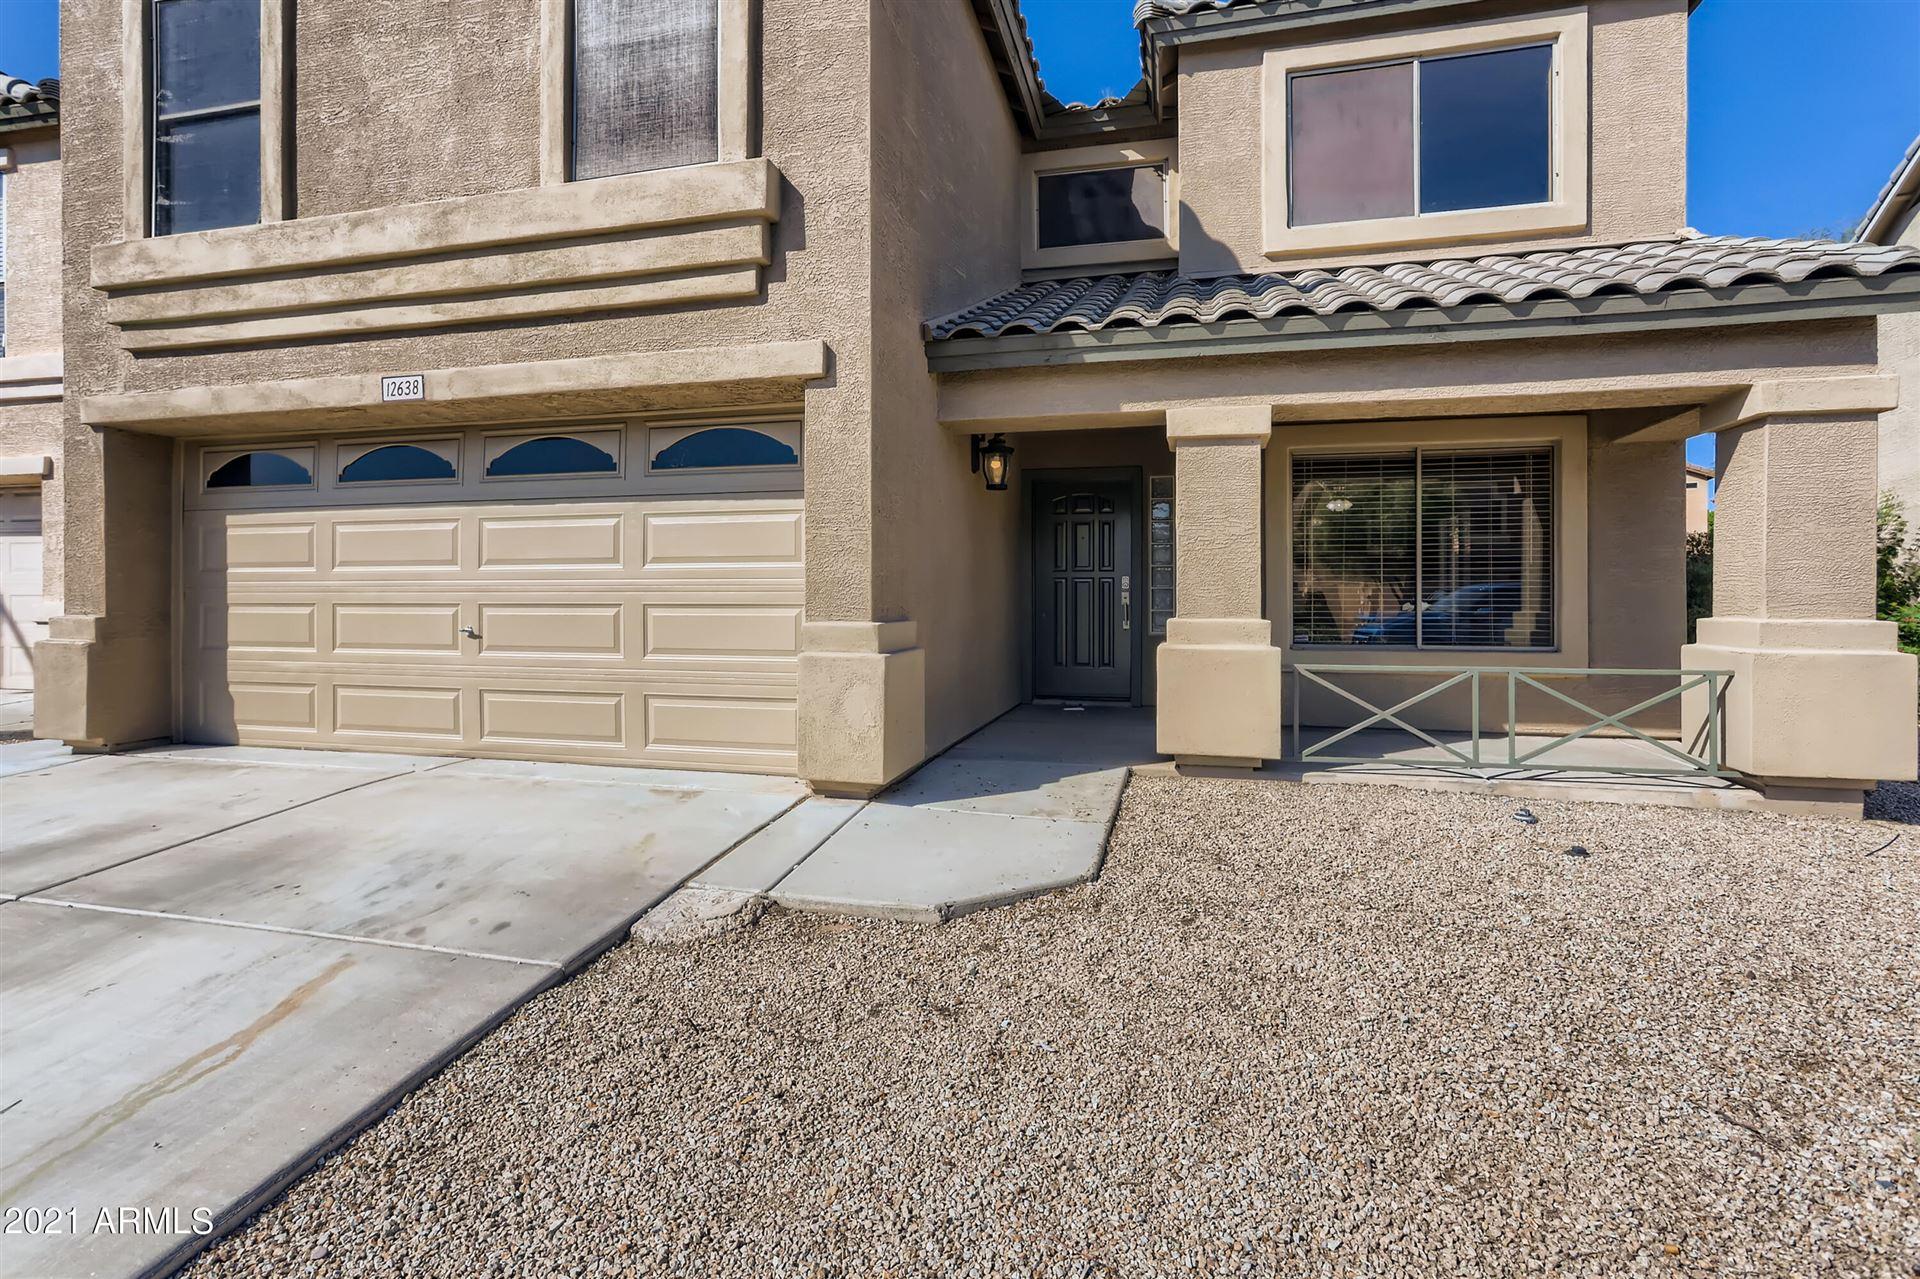 Photo of 12638 W PASADENA Avenue, Litchfield Park, AZ 85340 (MLS # 6304293)